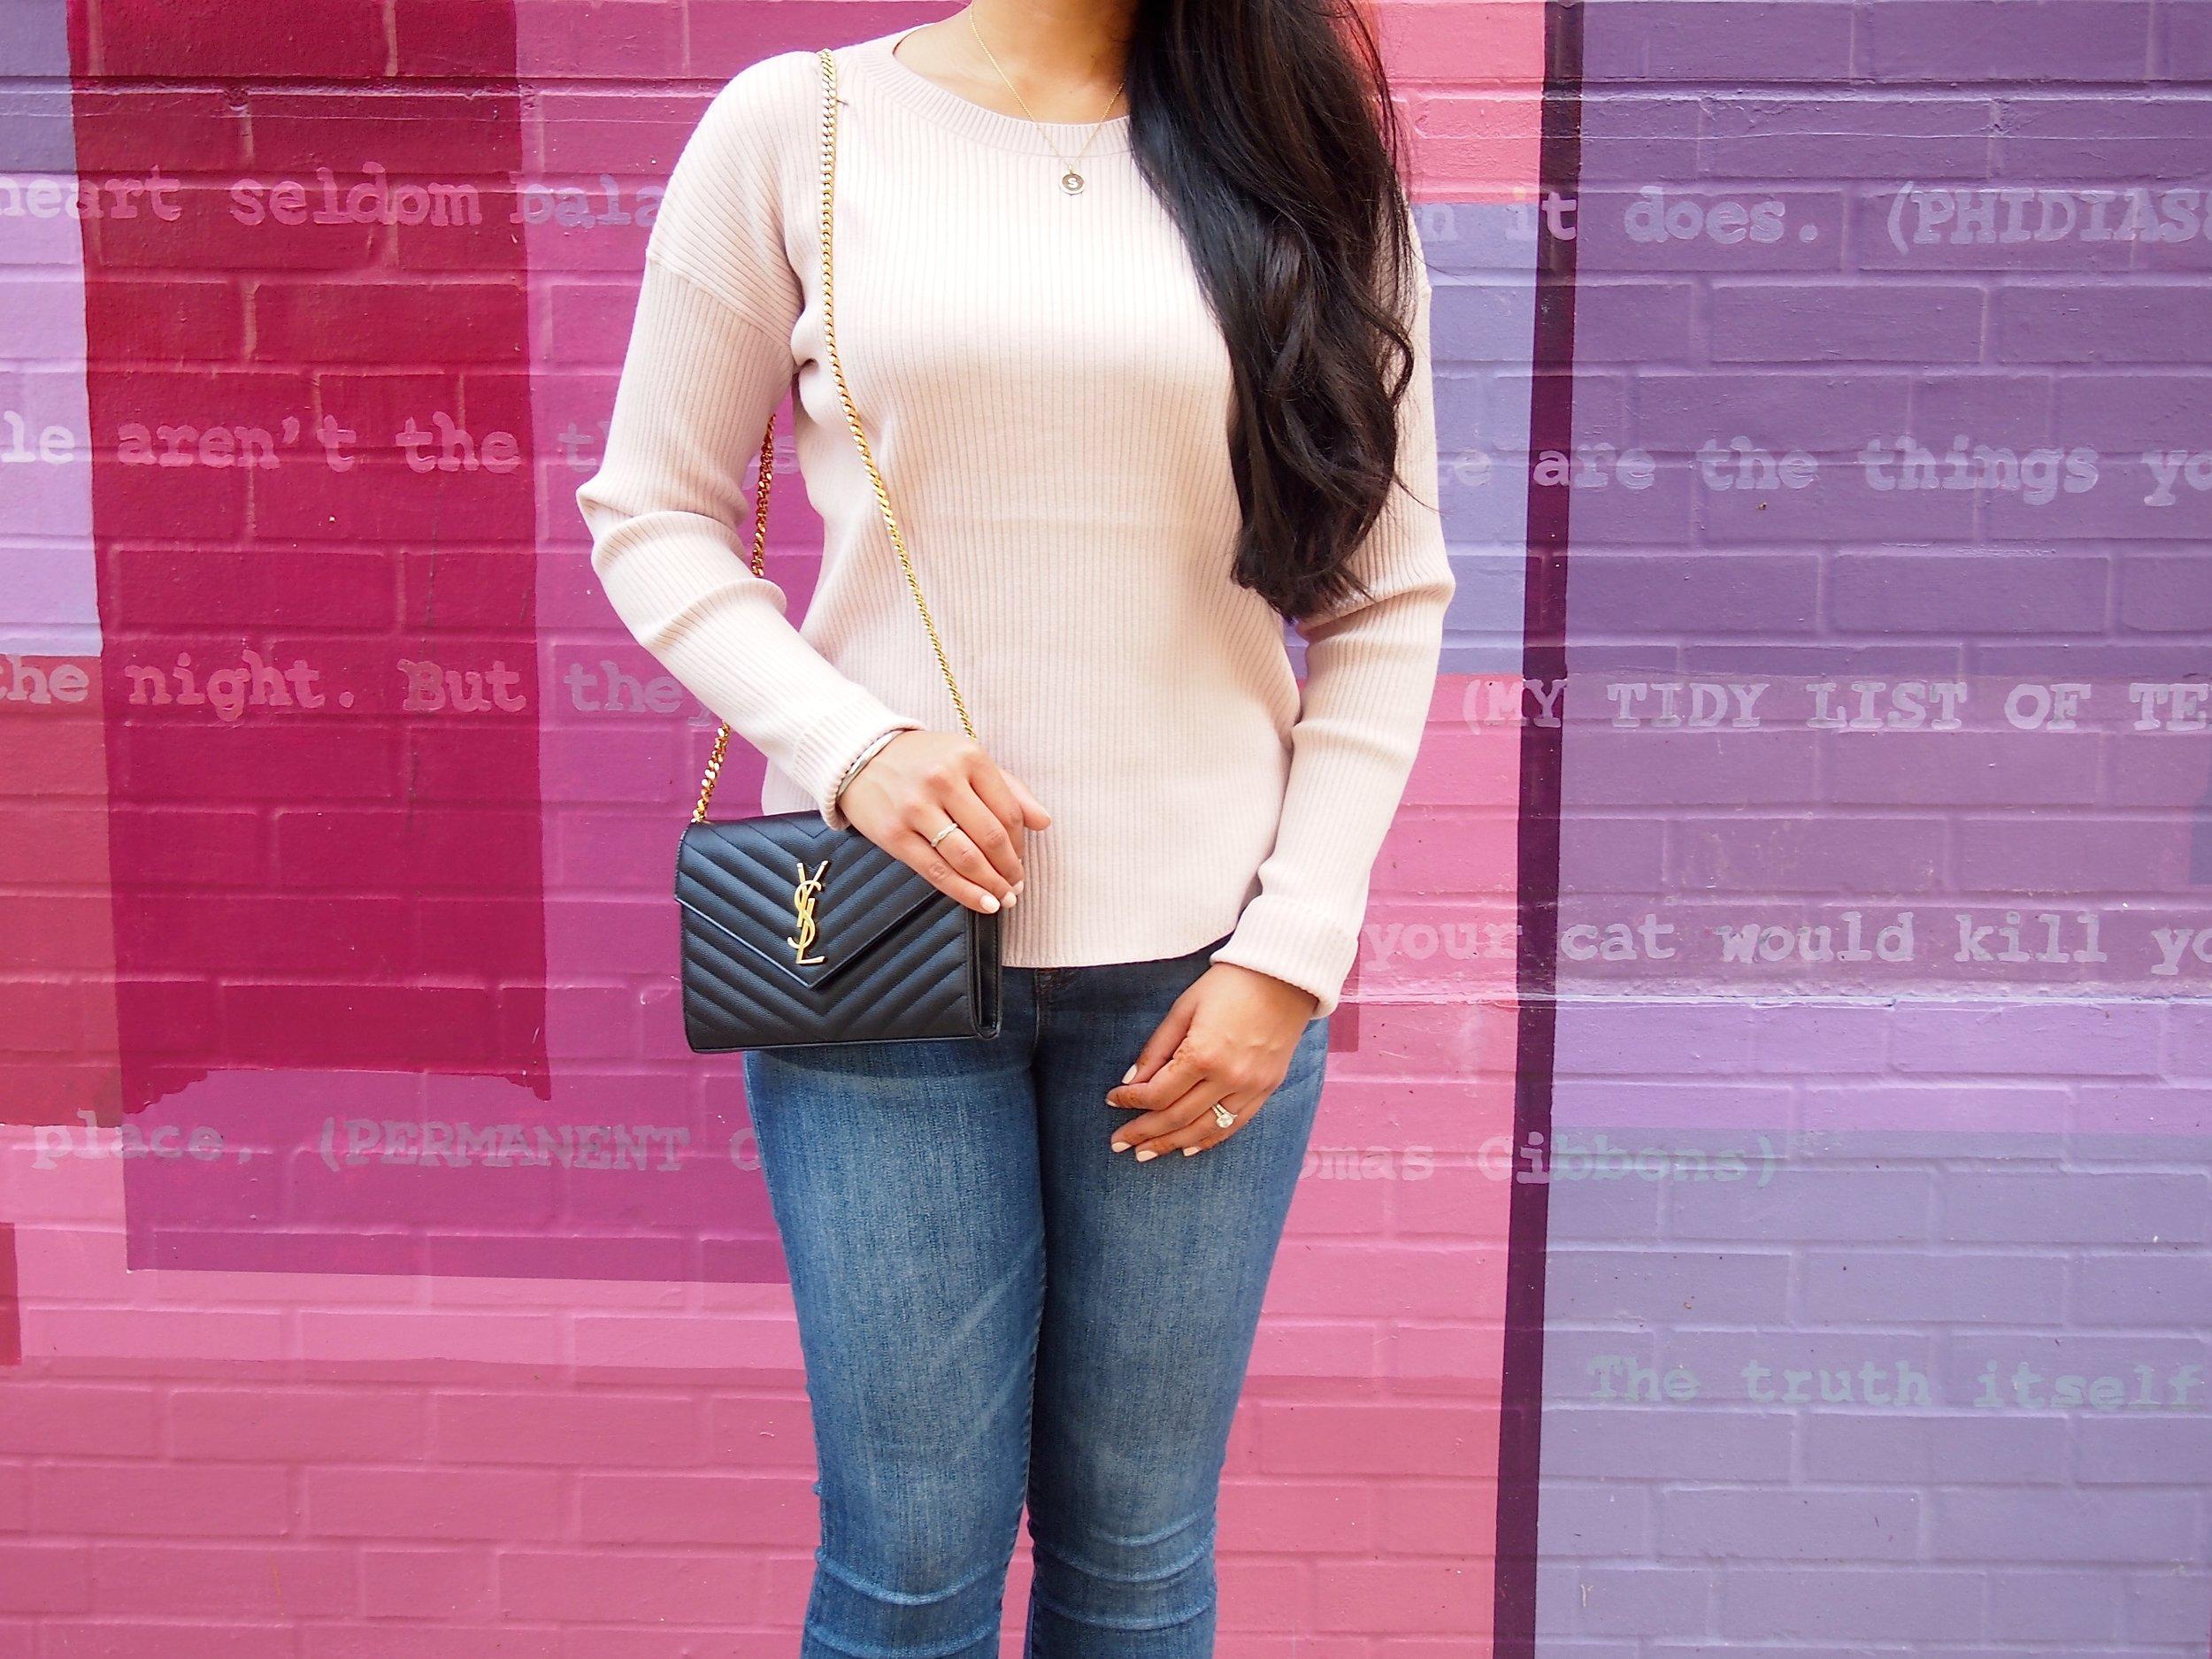 YSL-purse-fashion-blogger.jpg